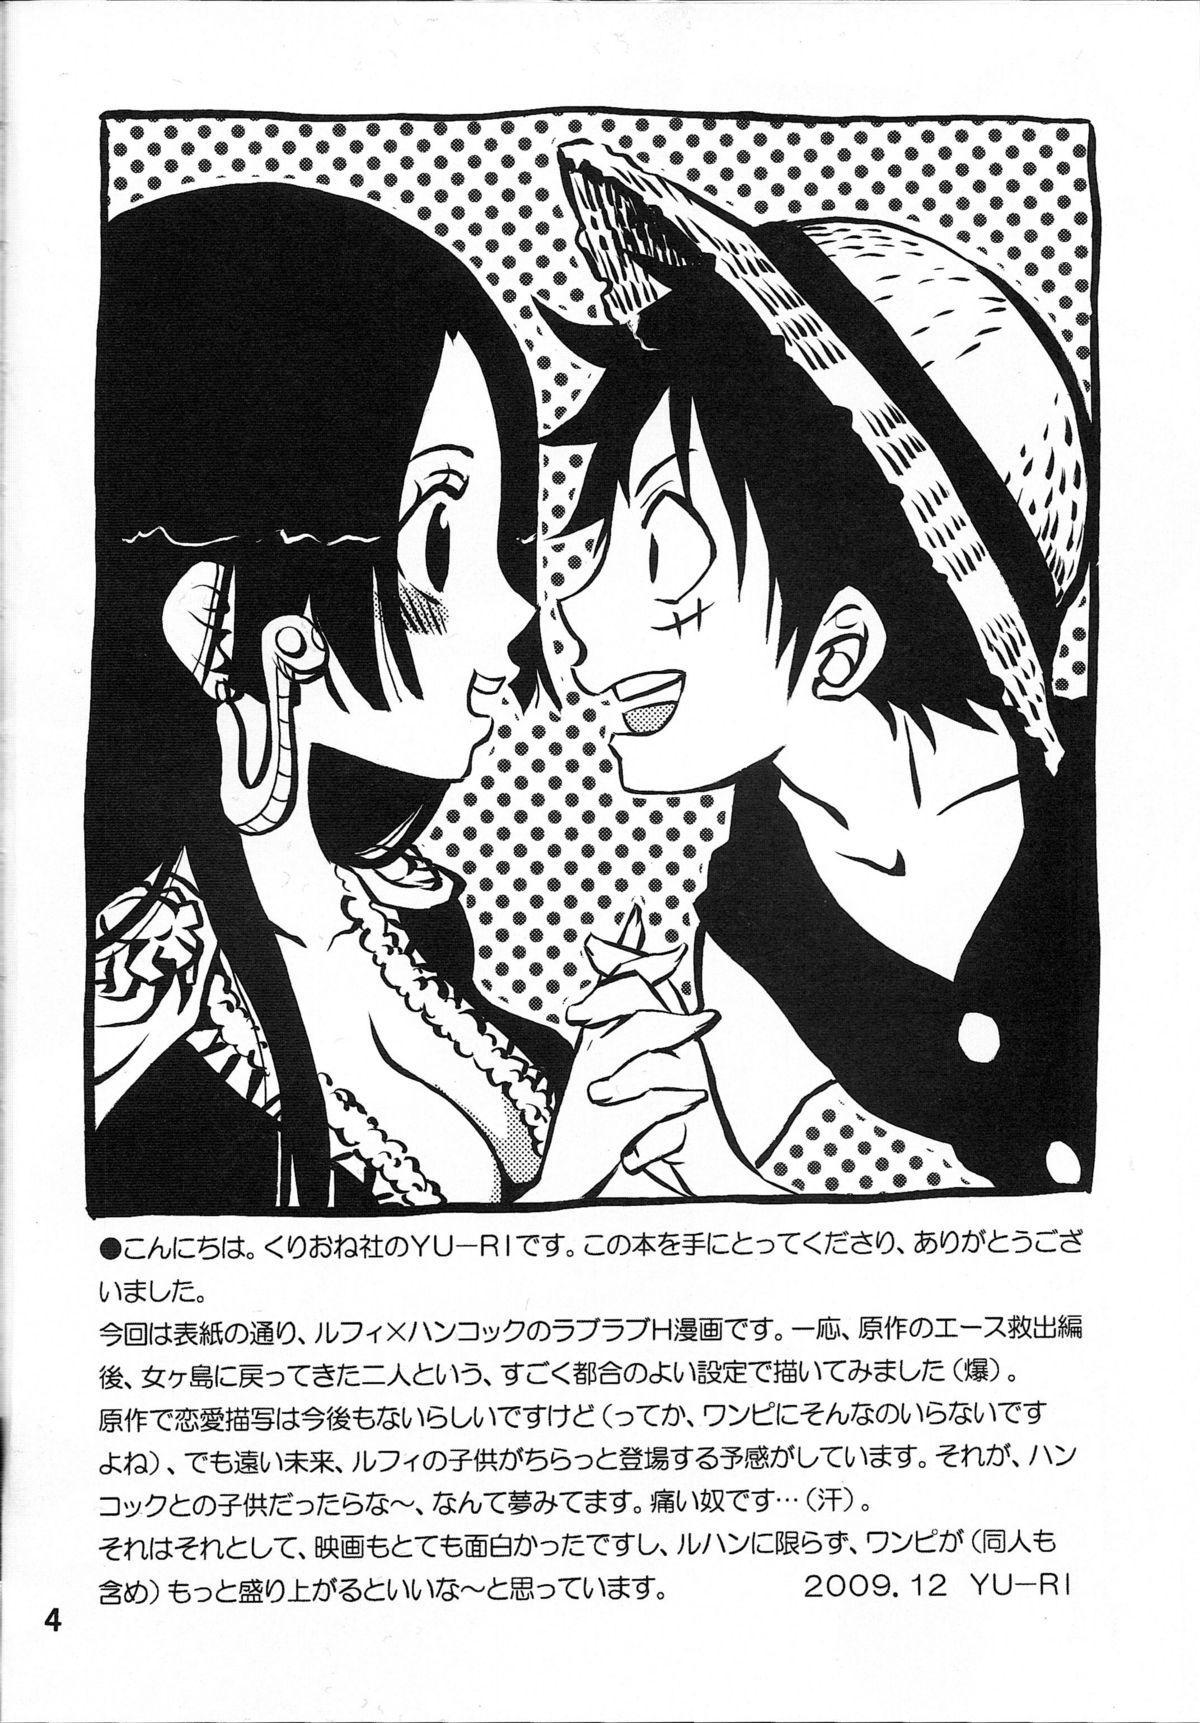 Heart Blossom 2